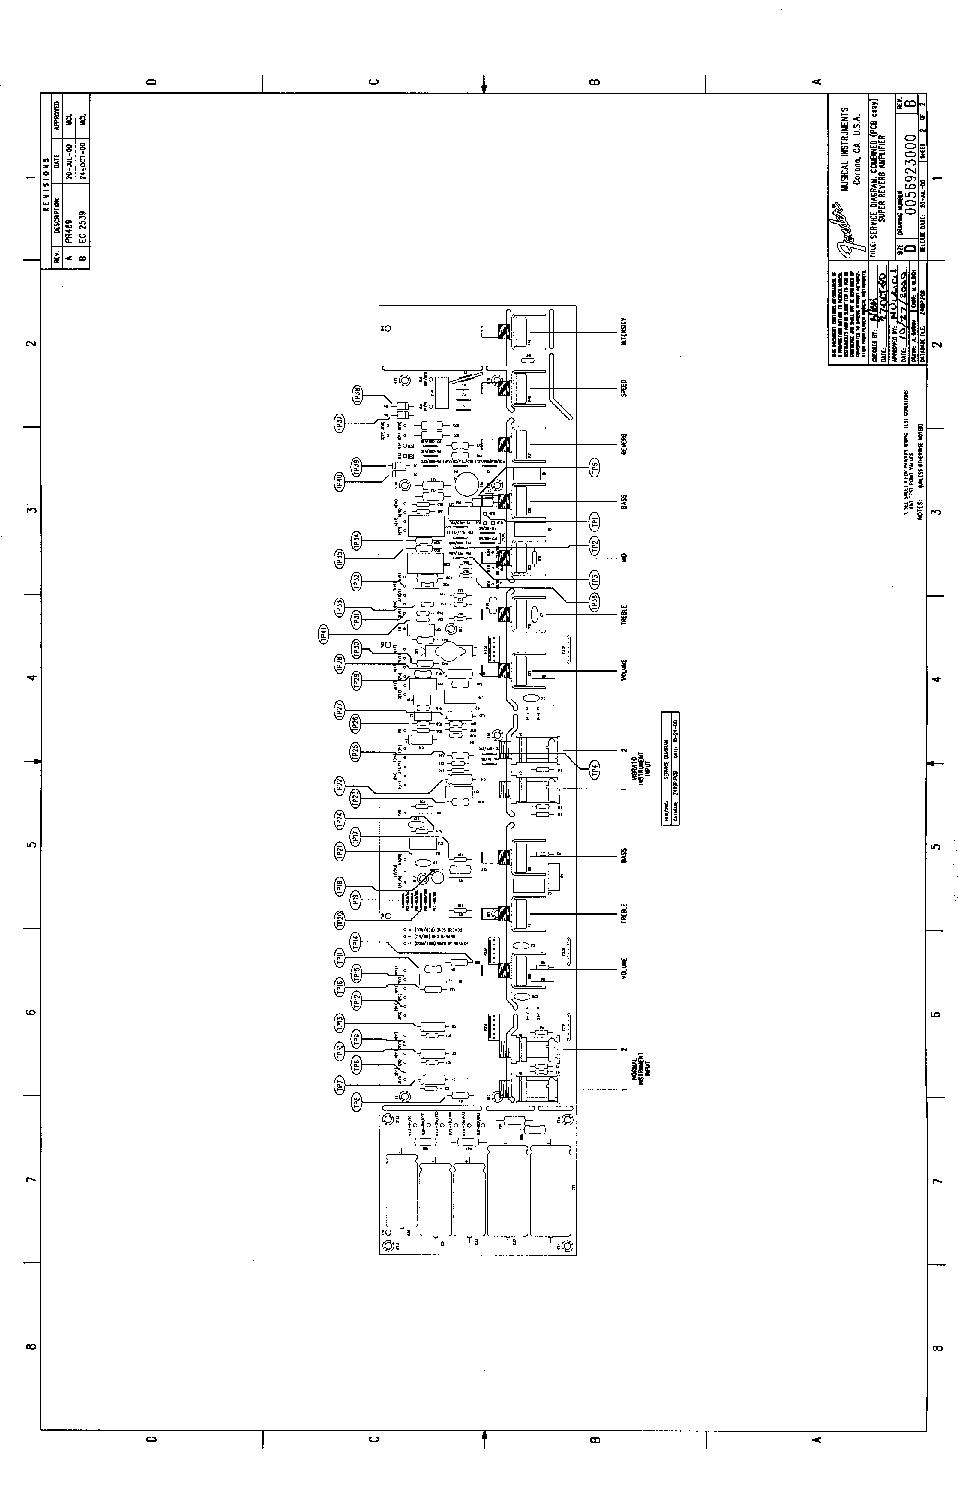 FENDER 1965-SUPER-REVERB Service Manual download